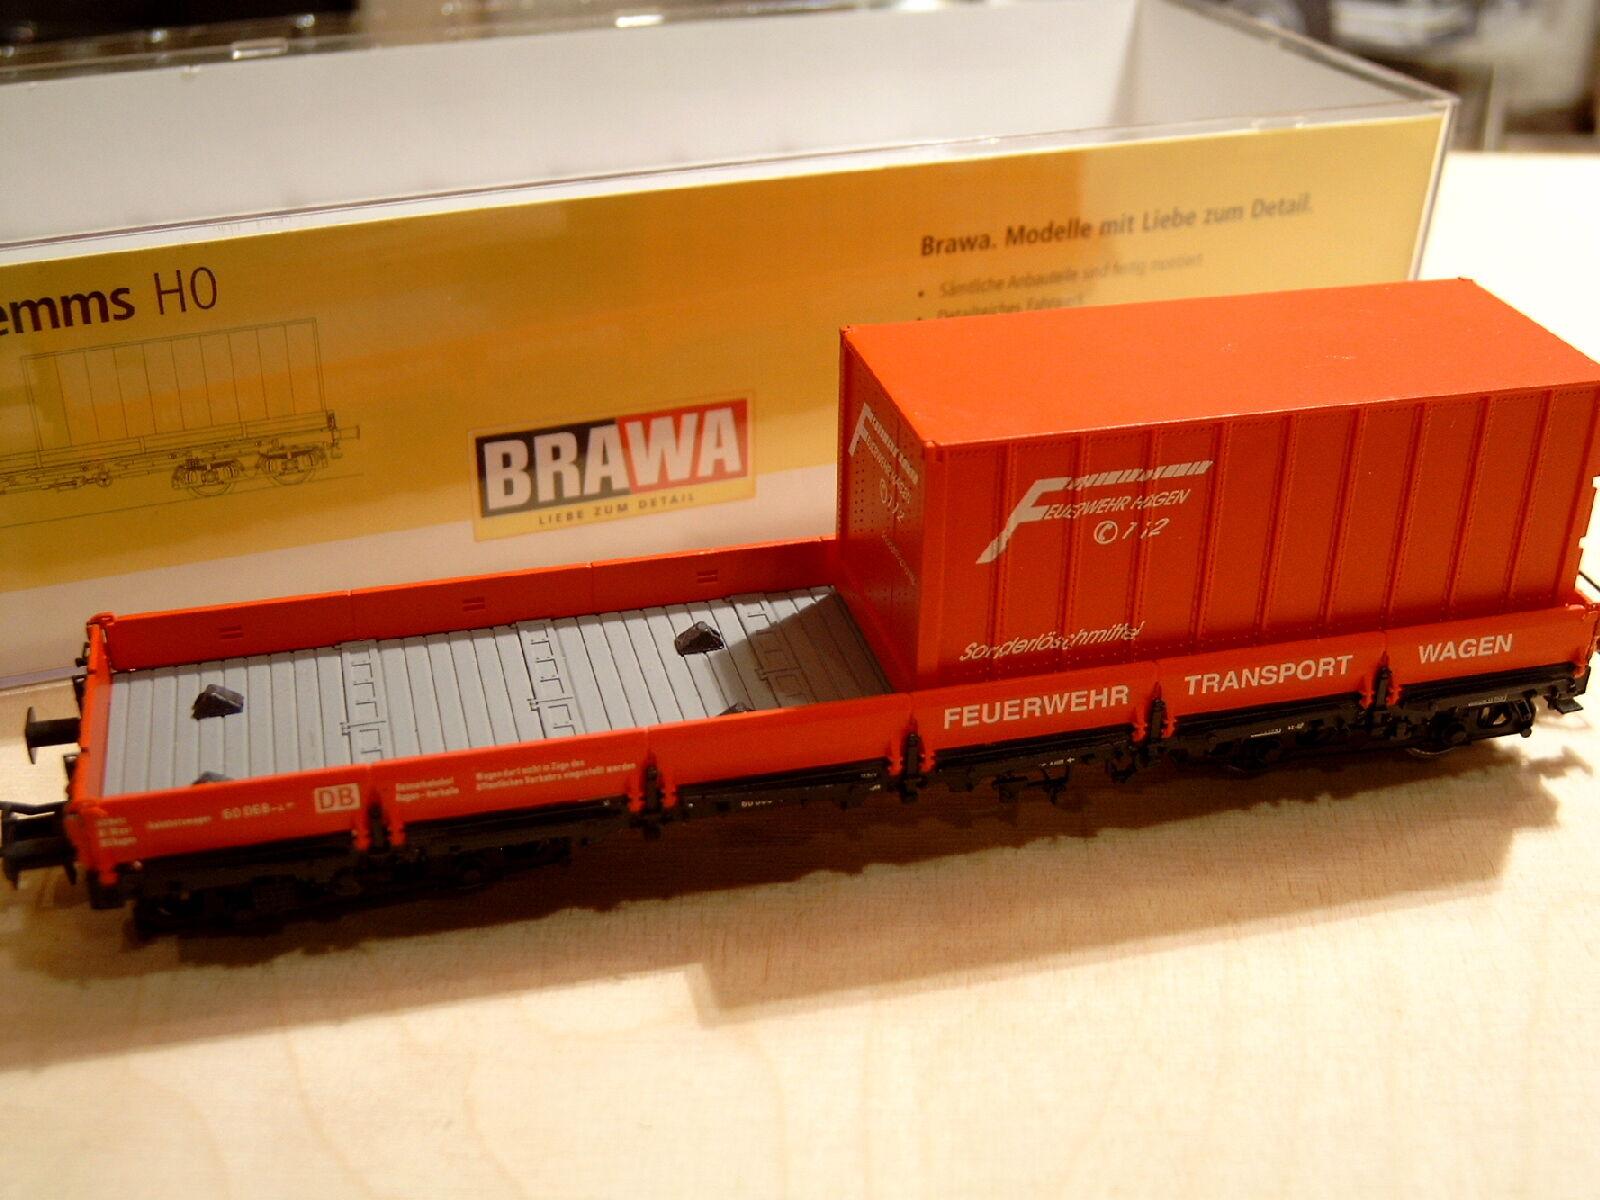 BRAWA 47101 DB 60 068 vigili del fuoco carro piatto Remms Hagen container Rungenwagen